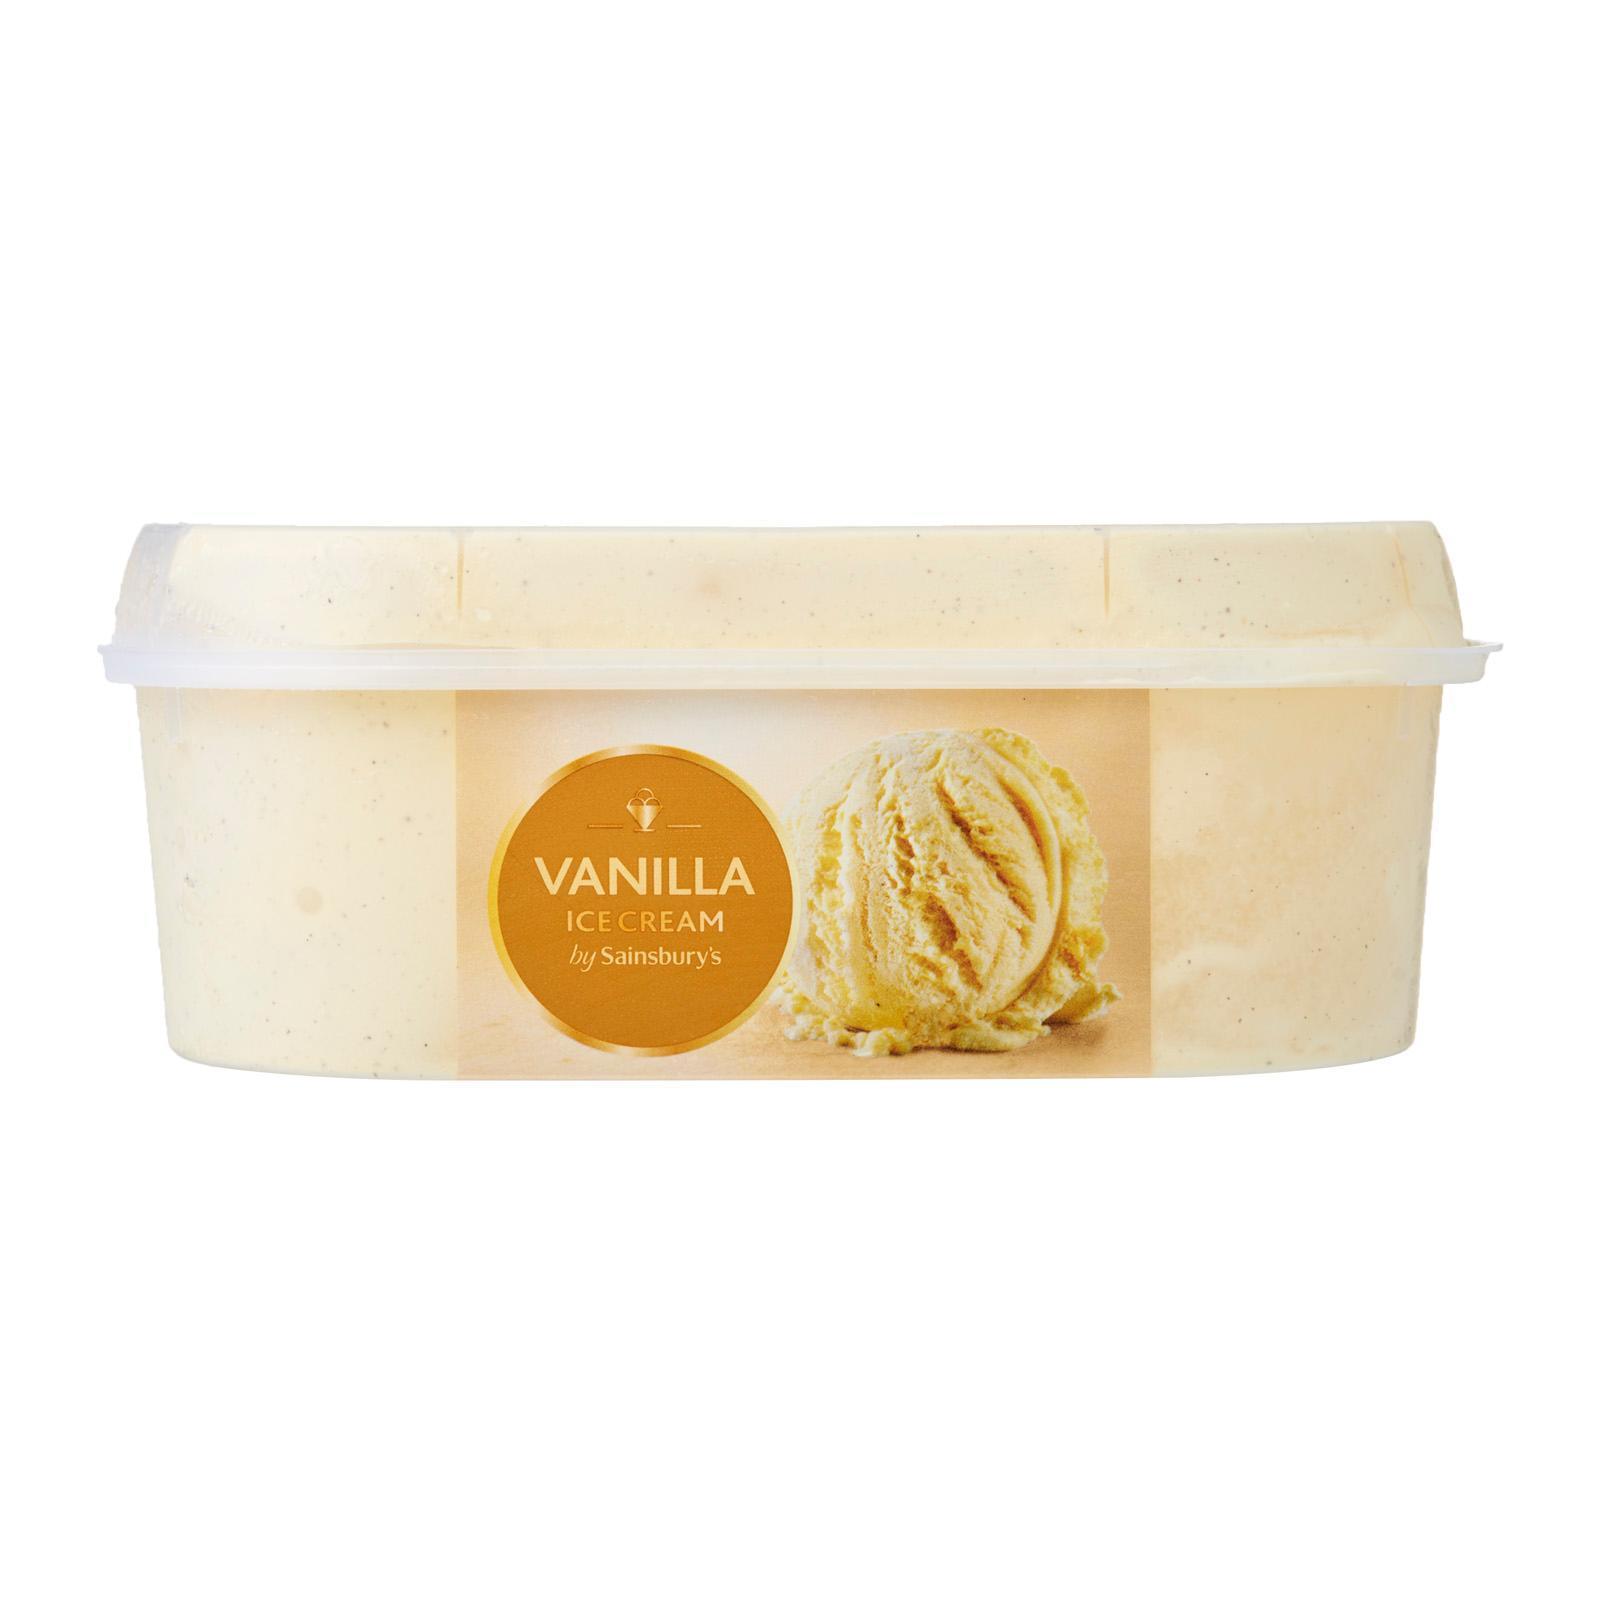 Sainsbury's Vanilla Ice Cream - Frozen